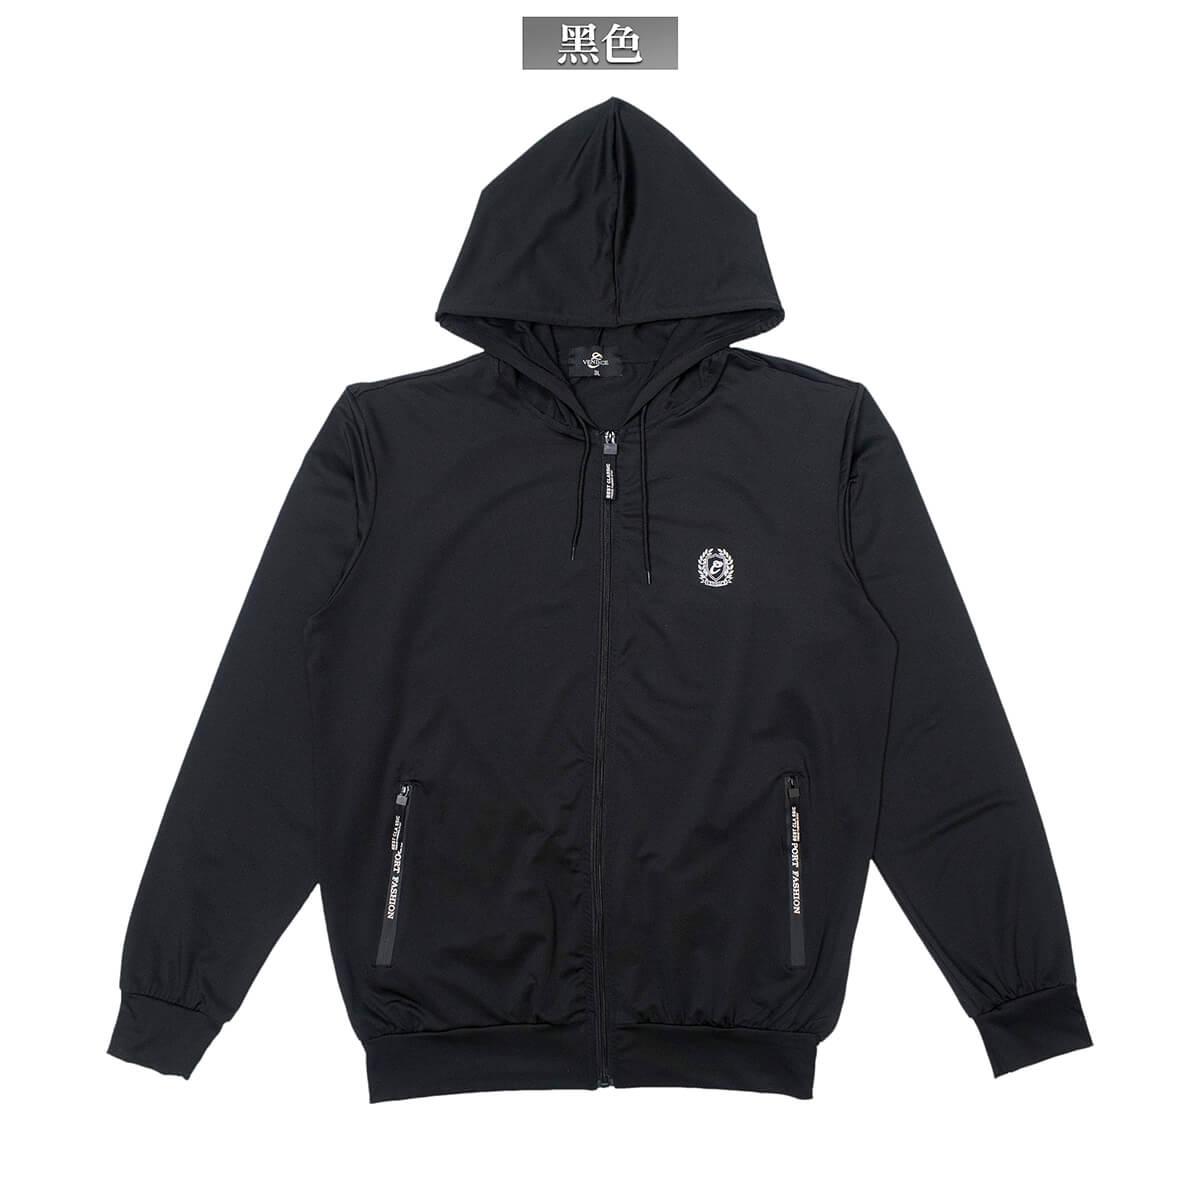 加大尺碼防曬外套 防風遮陽薄外套 柔軟輕薄休閒外套 連帽外套 運動外套 黑色外套 Sun Protection Jackets Mens Jackets Casual Jackets (321-0516_0517-21)黑色、(321-0516_0517-22)紋理灰 3L 4L 5L 6L (胸圍122~140公分  48~55英吋) 男 [實體店面保障] sun-e 1